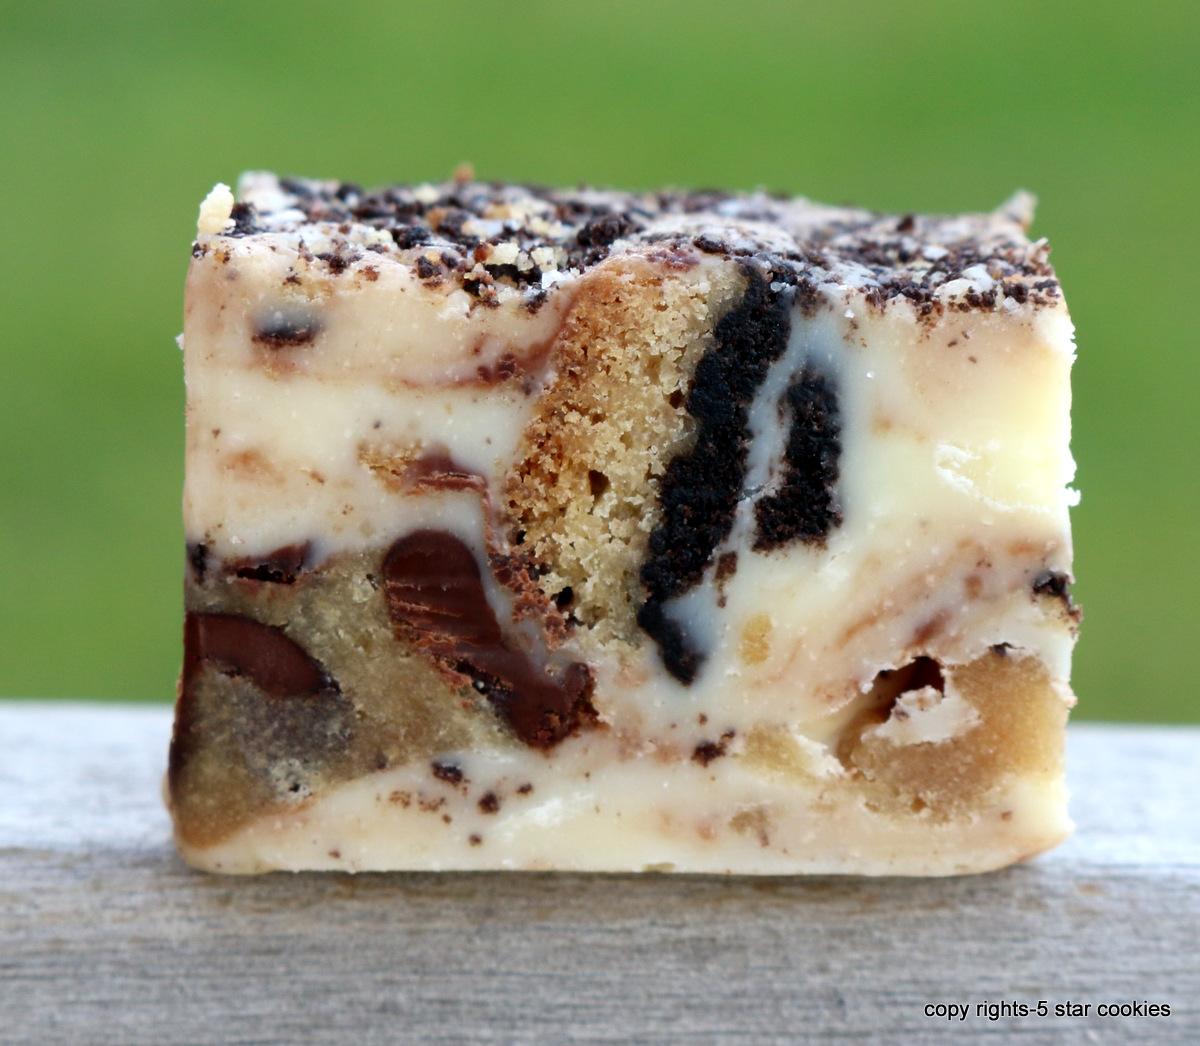 Chocolate Cookies Fudge from the best food blog 5starcookies Enjoy